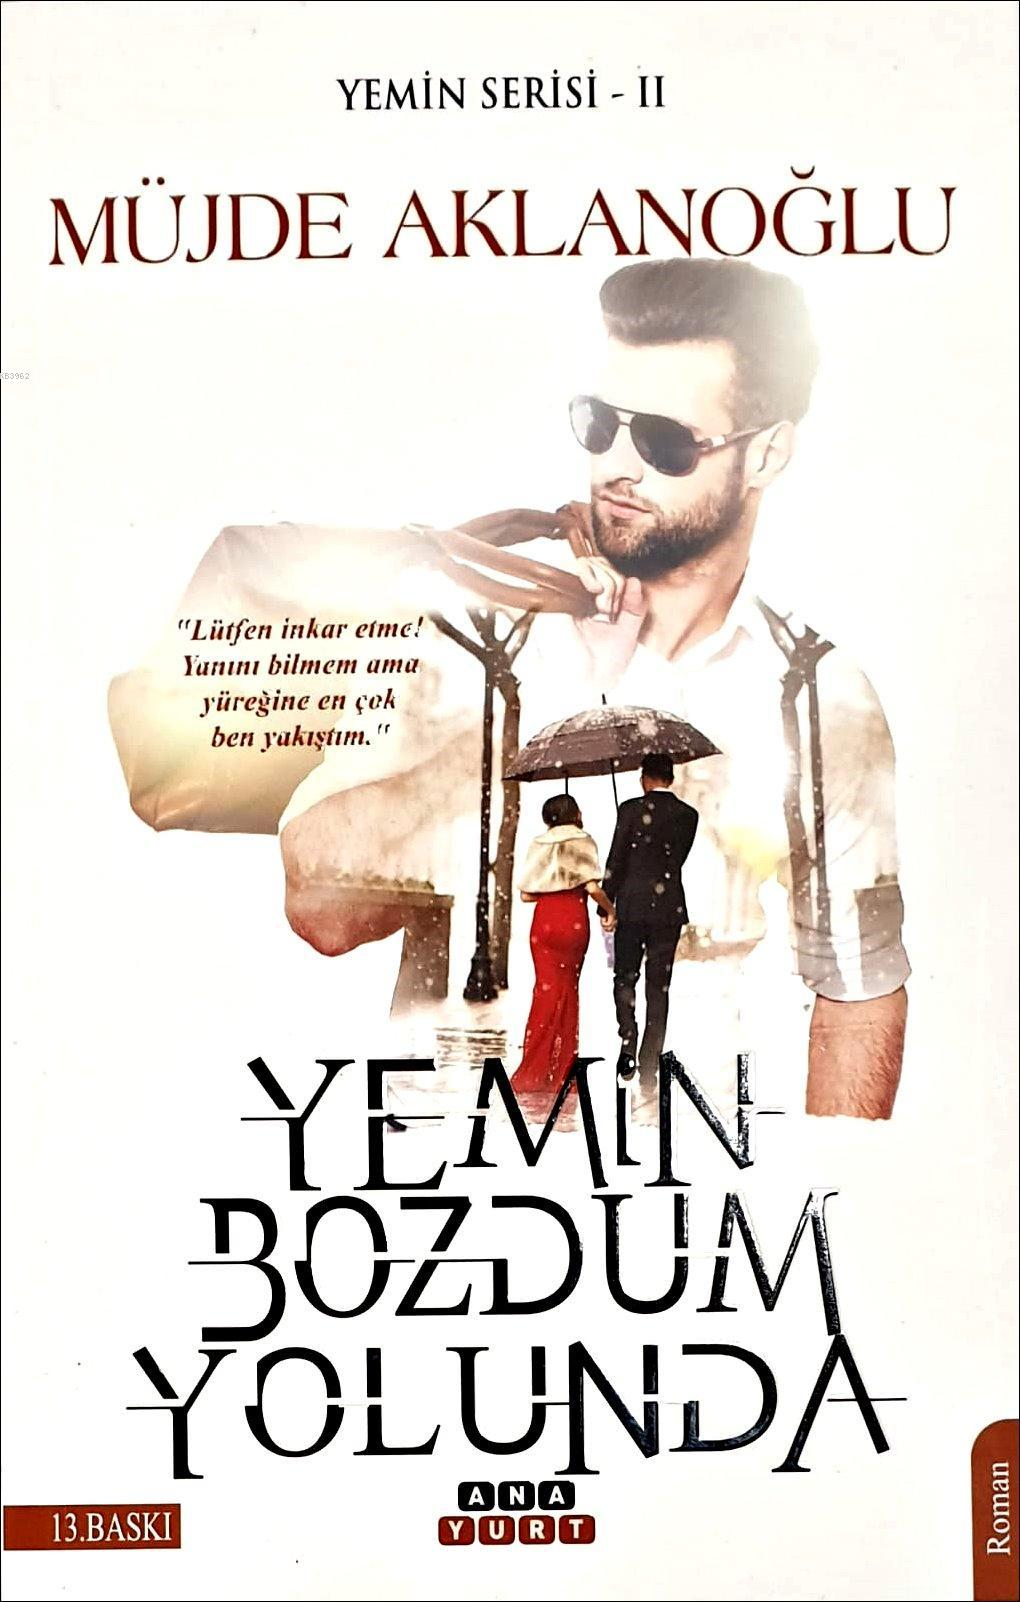 Yemin Bozdum Yolunda; Yemin Serisi 2